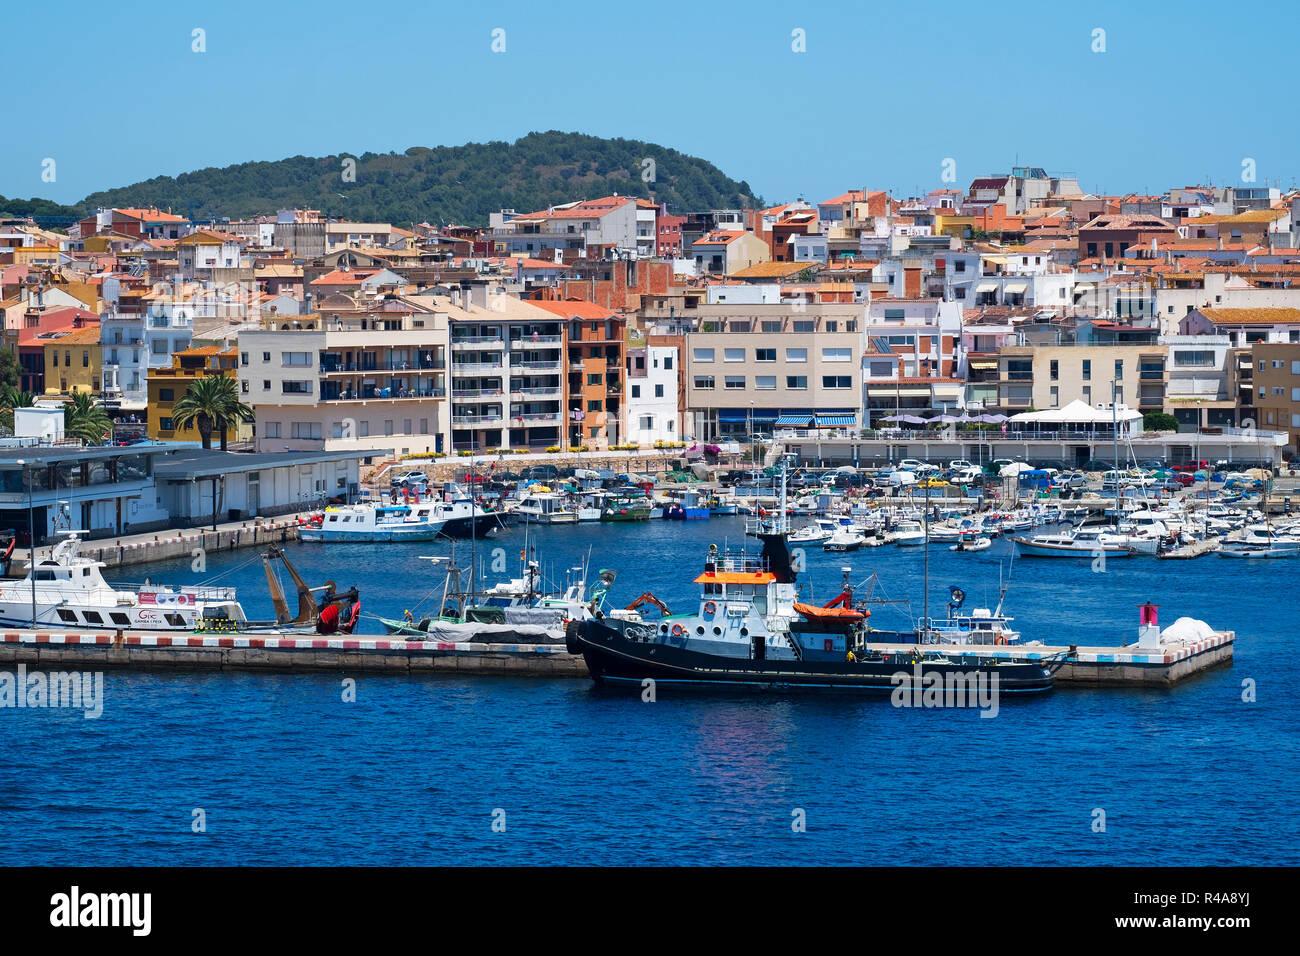 Hotels And Apartments Around The Harbor Marina At Palamos Girona